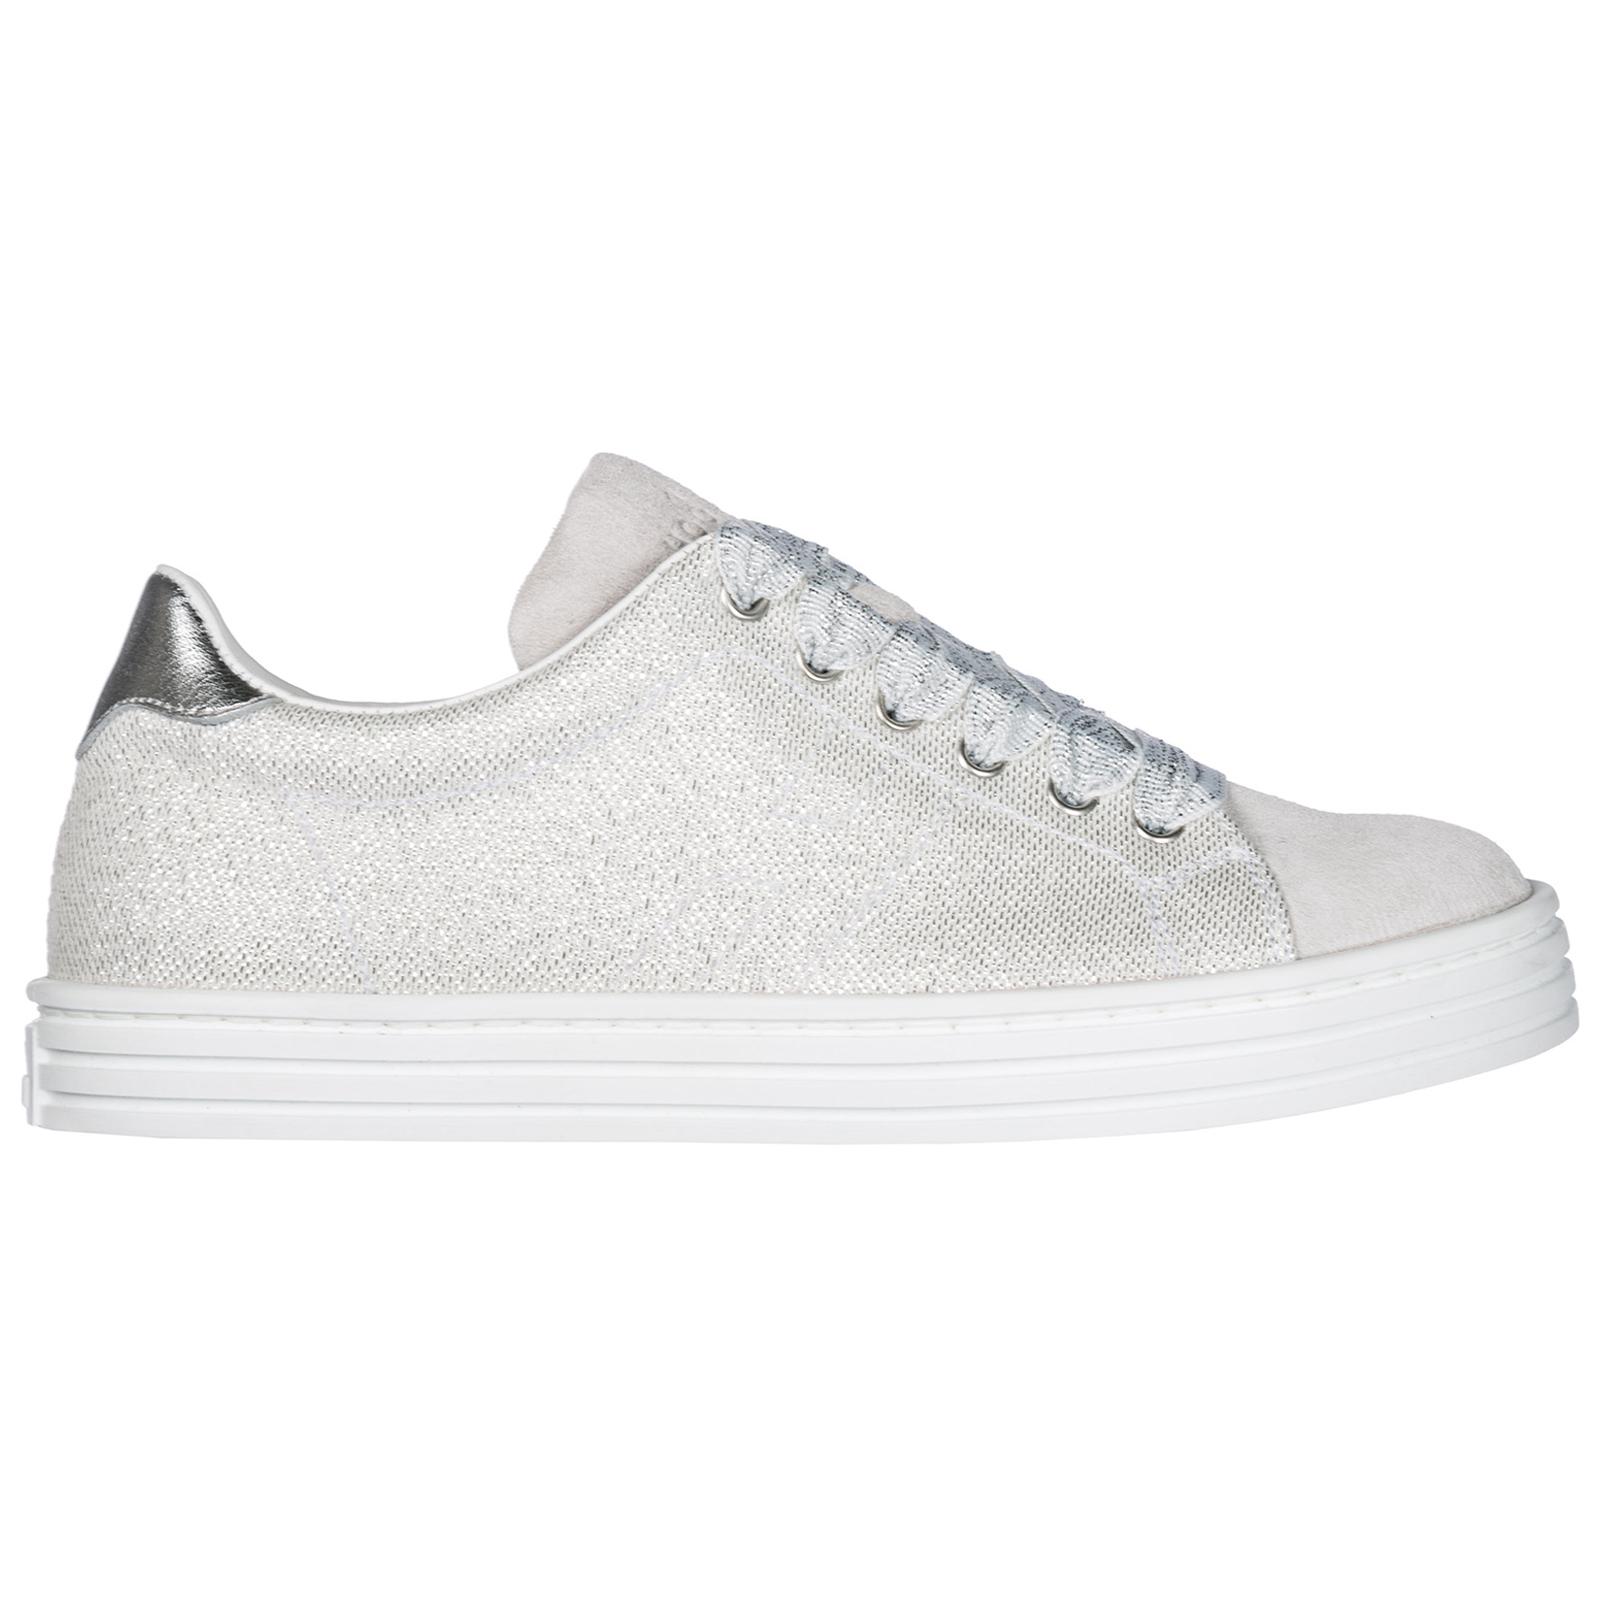 279efc184a68 Sneakers Hogan R141 HXC1410Z370IY10XTR argento   FRMODA.com